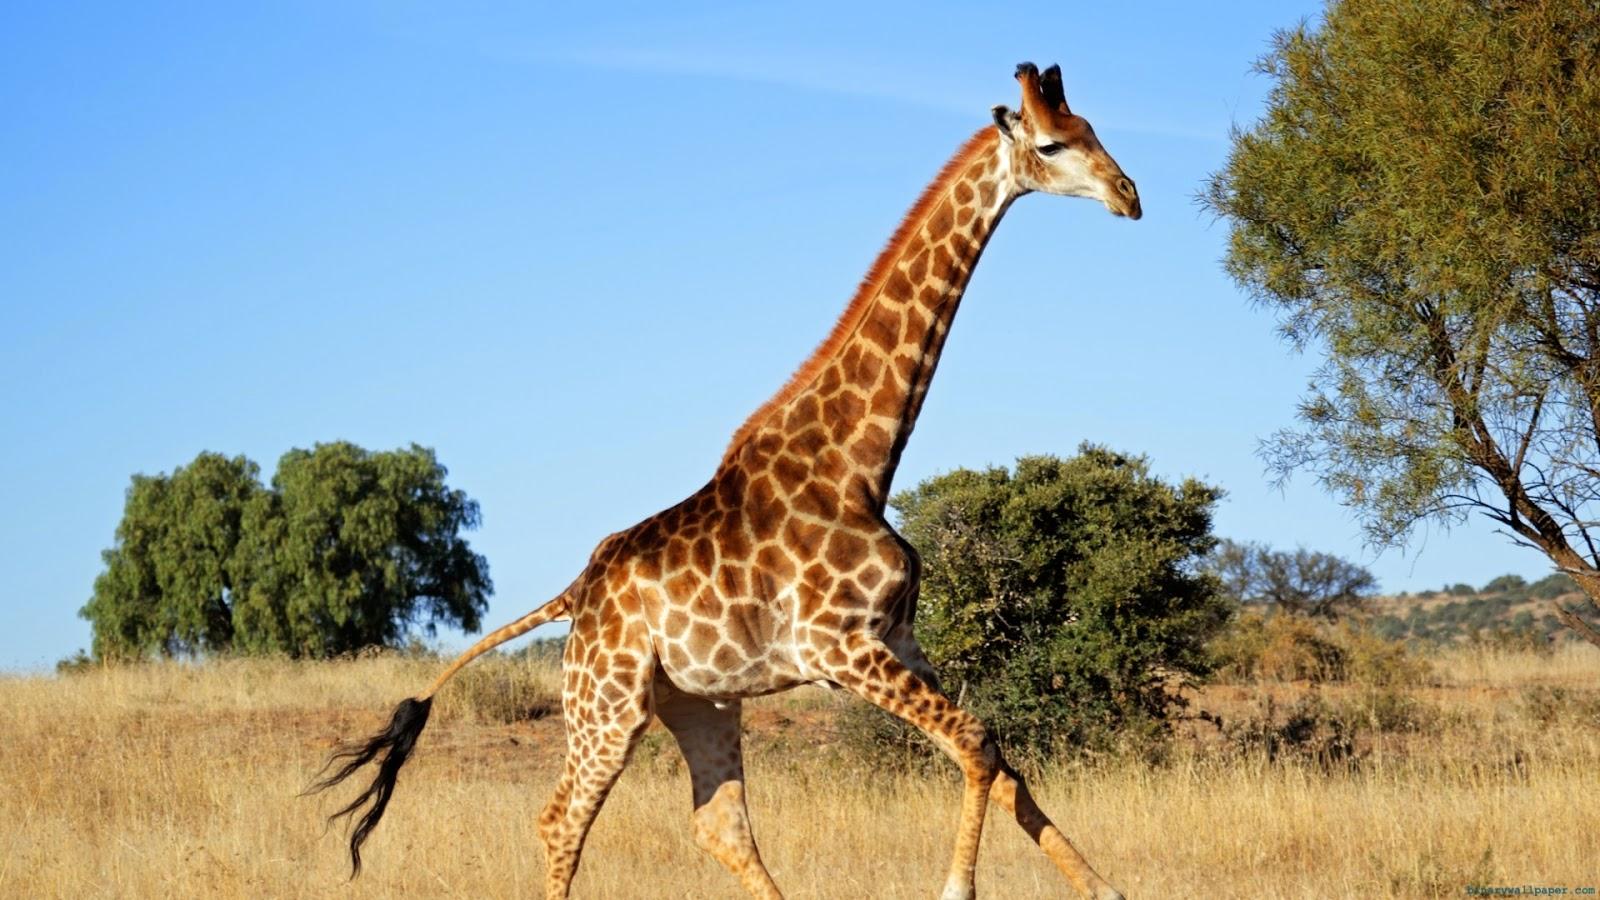 Giraffe Zarafa Wallpapers ~ Free HD Desktop Wallpapers ...